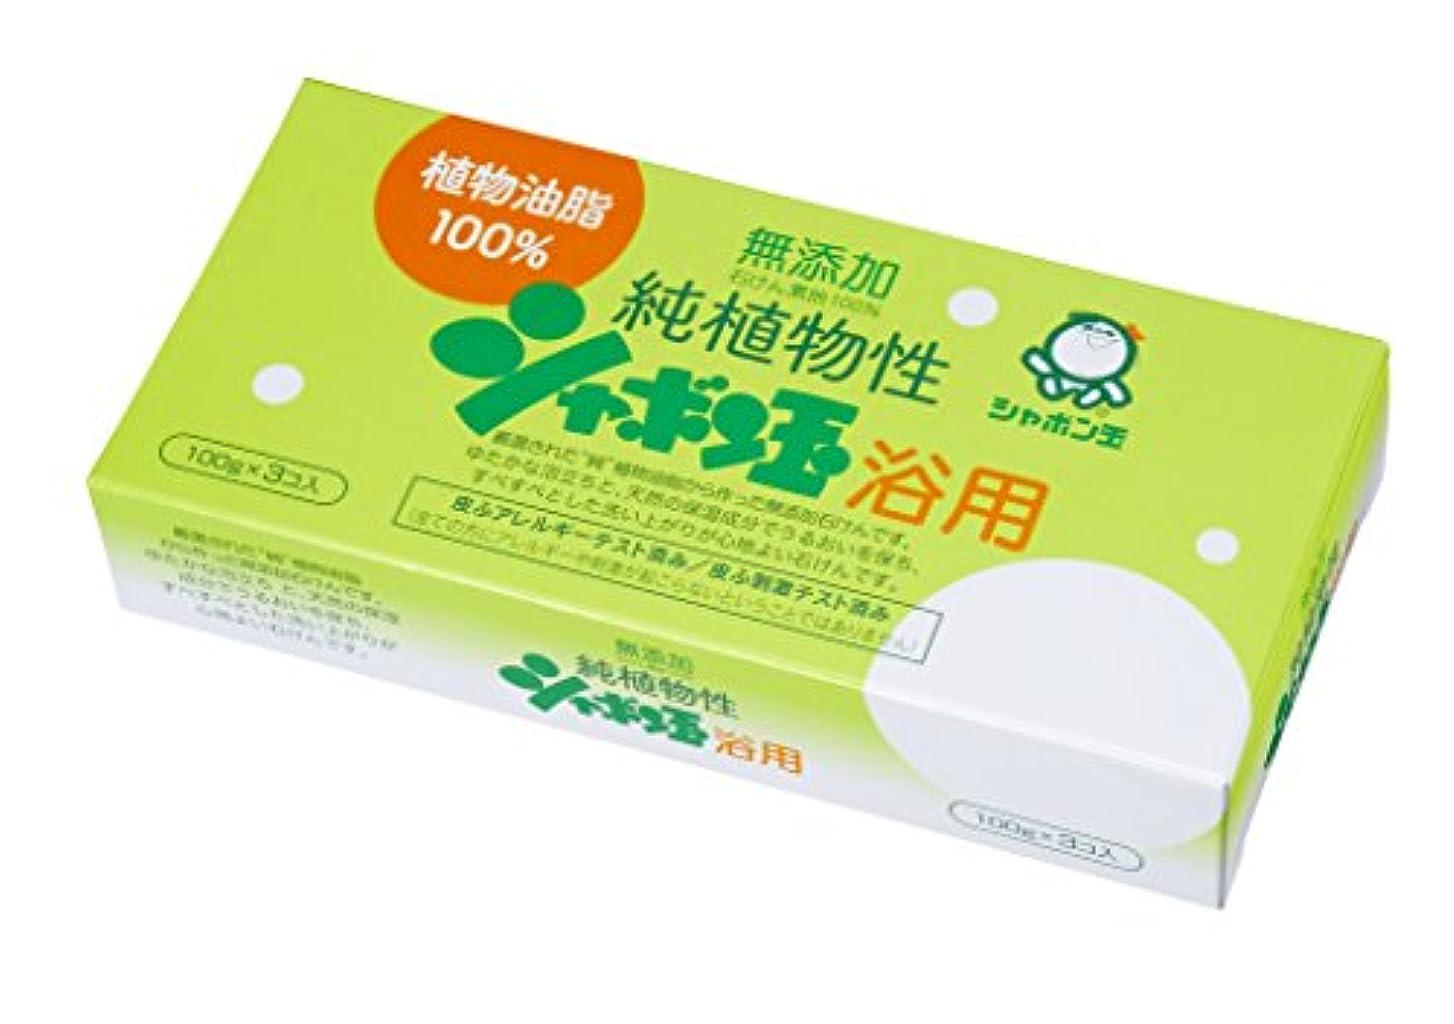 卒業バーガー含めるシャボン玉 無添加せっけん 純植物性シャボン玉 浴用 100g×3個入り